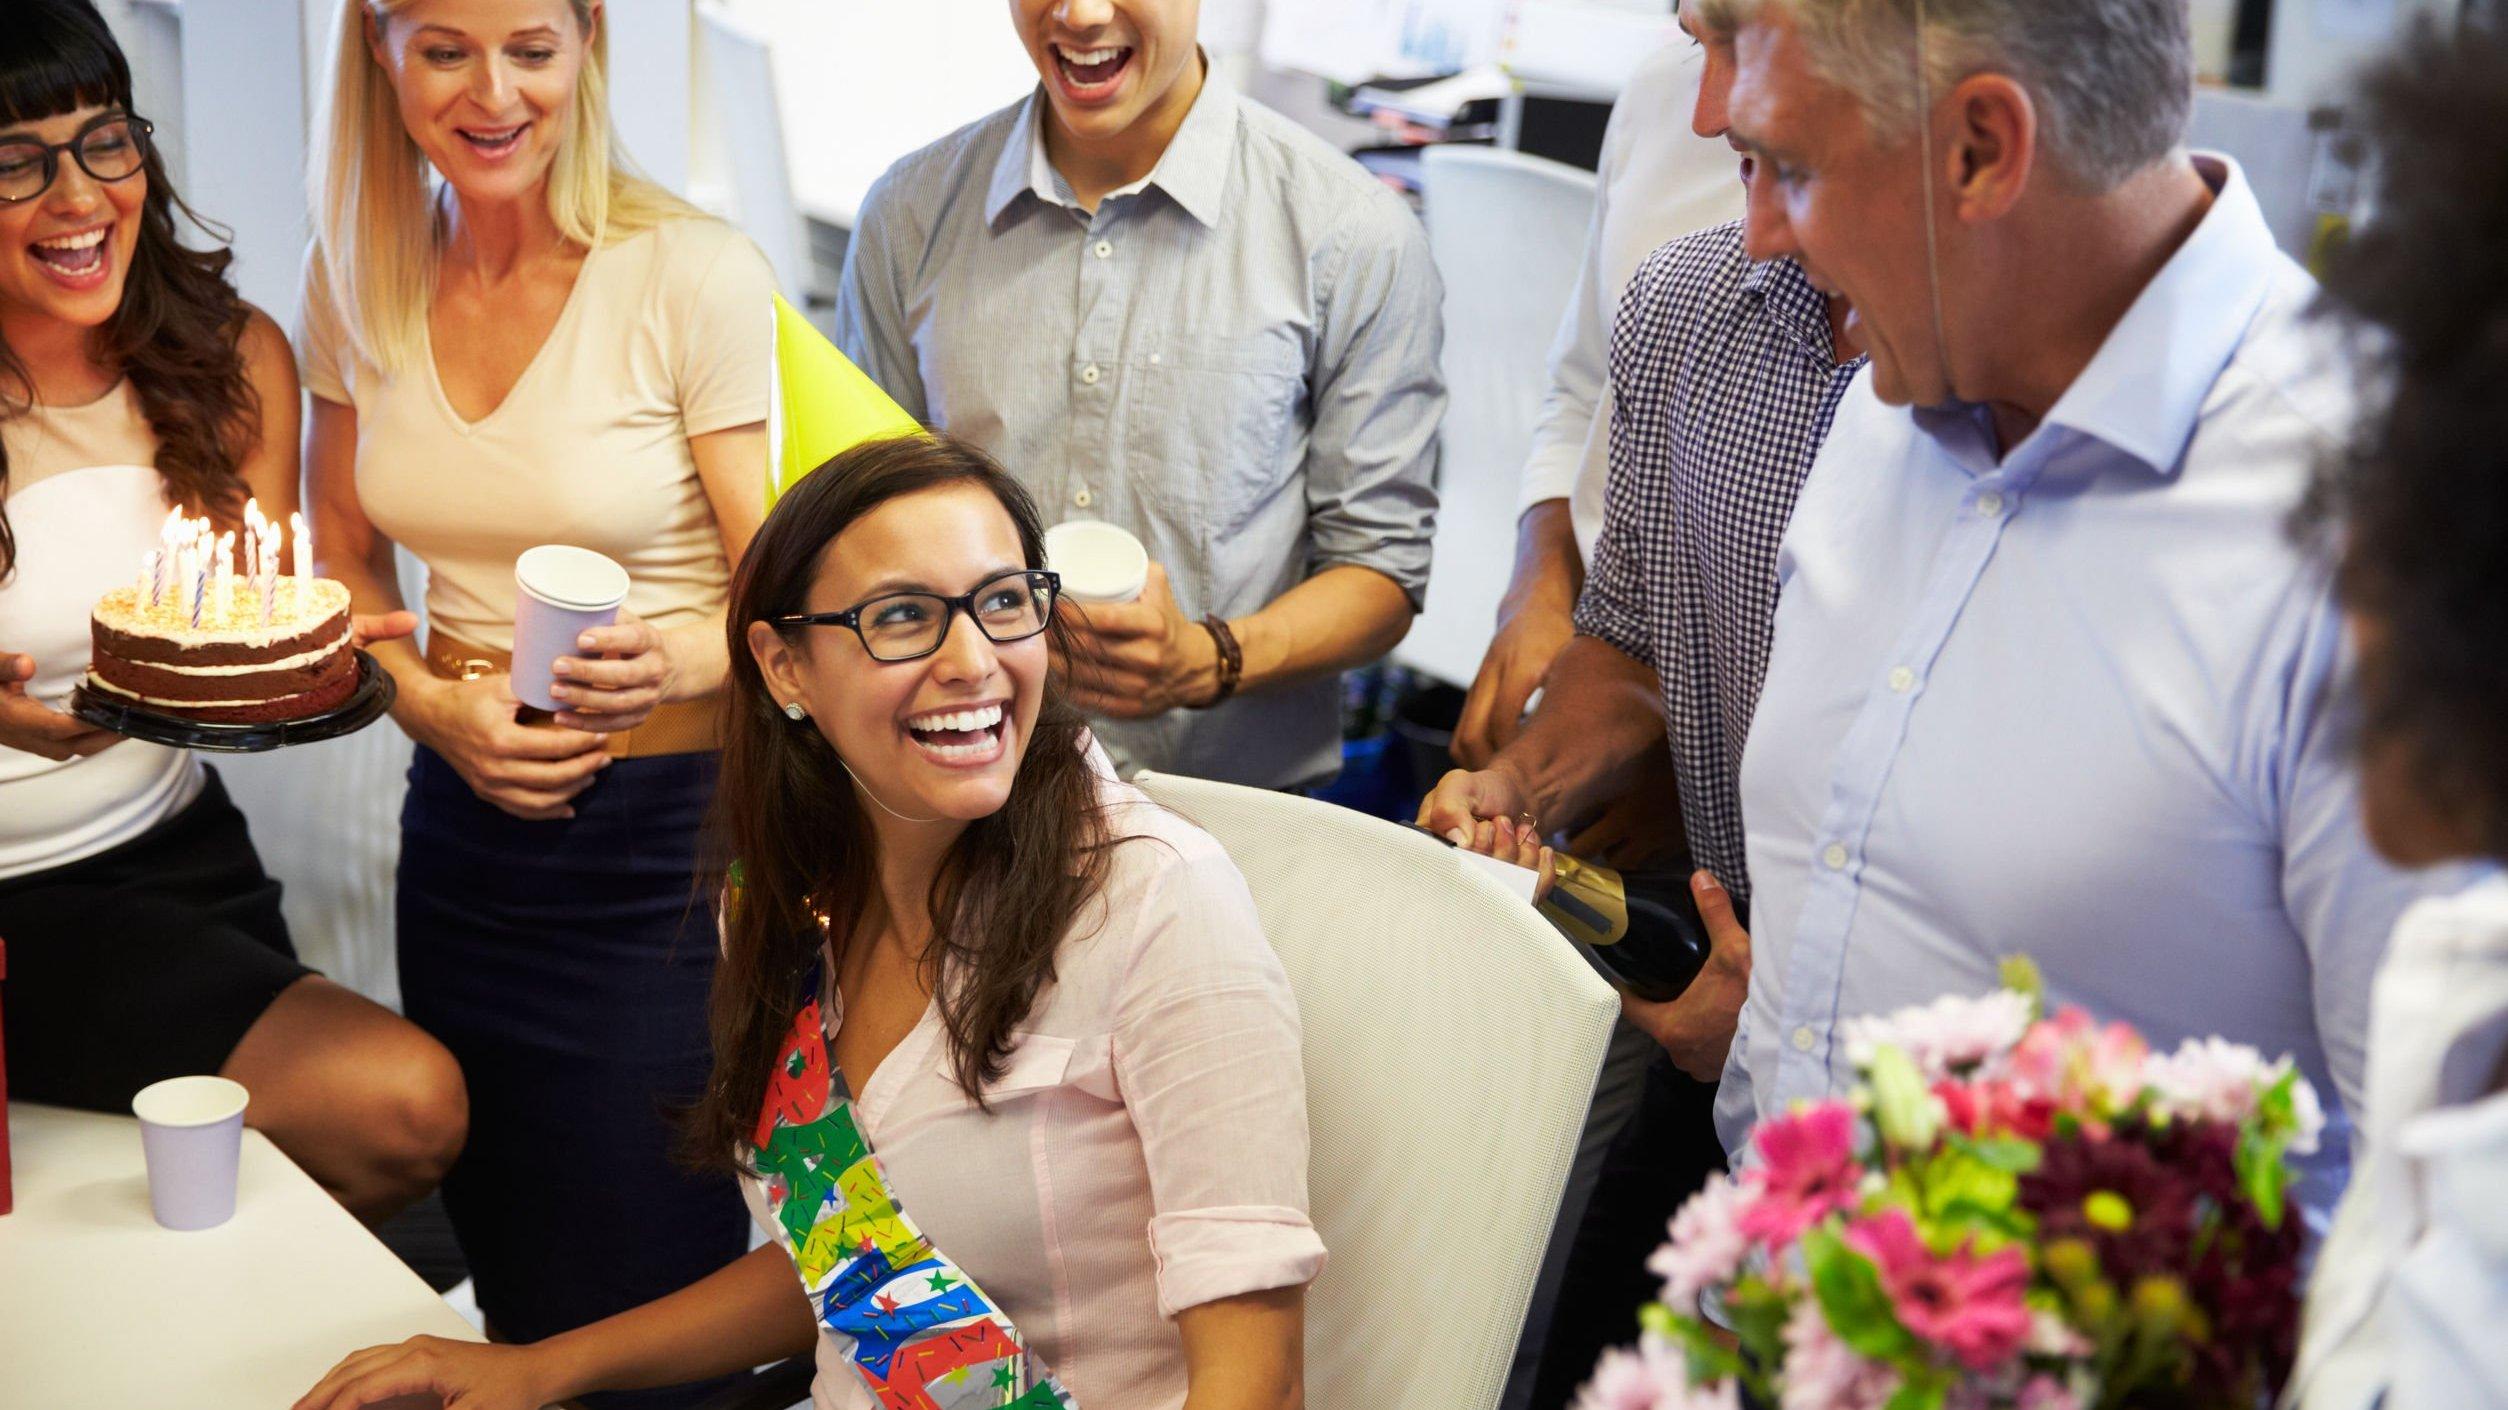 Pessoas reunidas comemorando aniversário em escritório